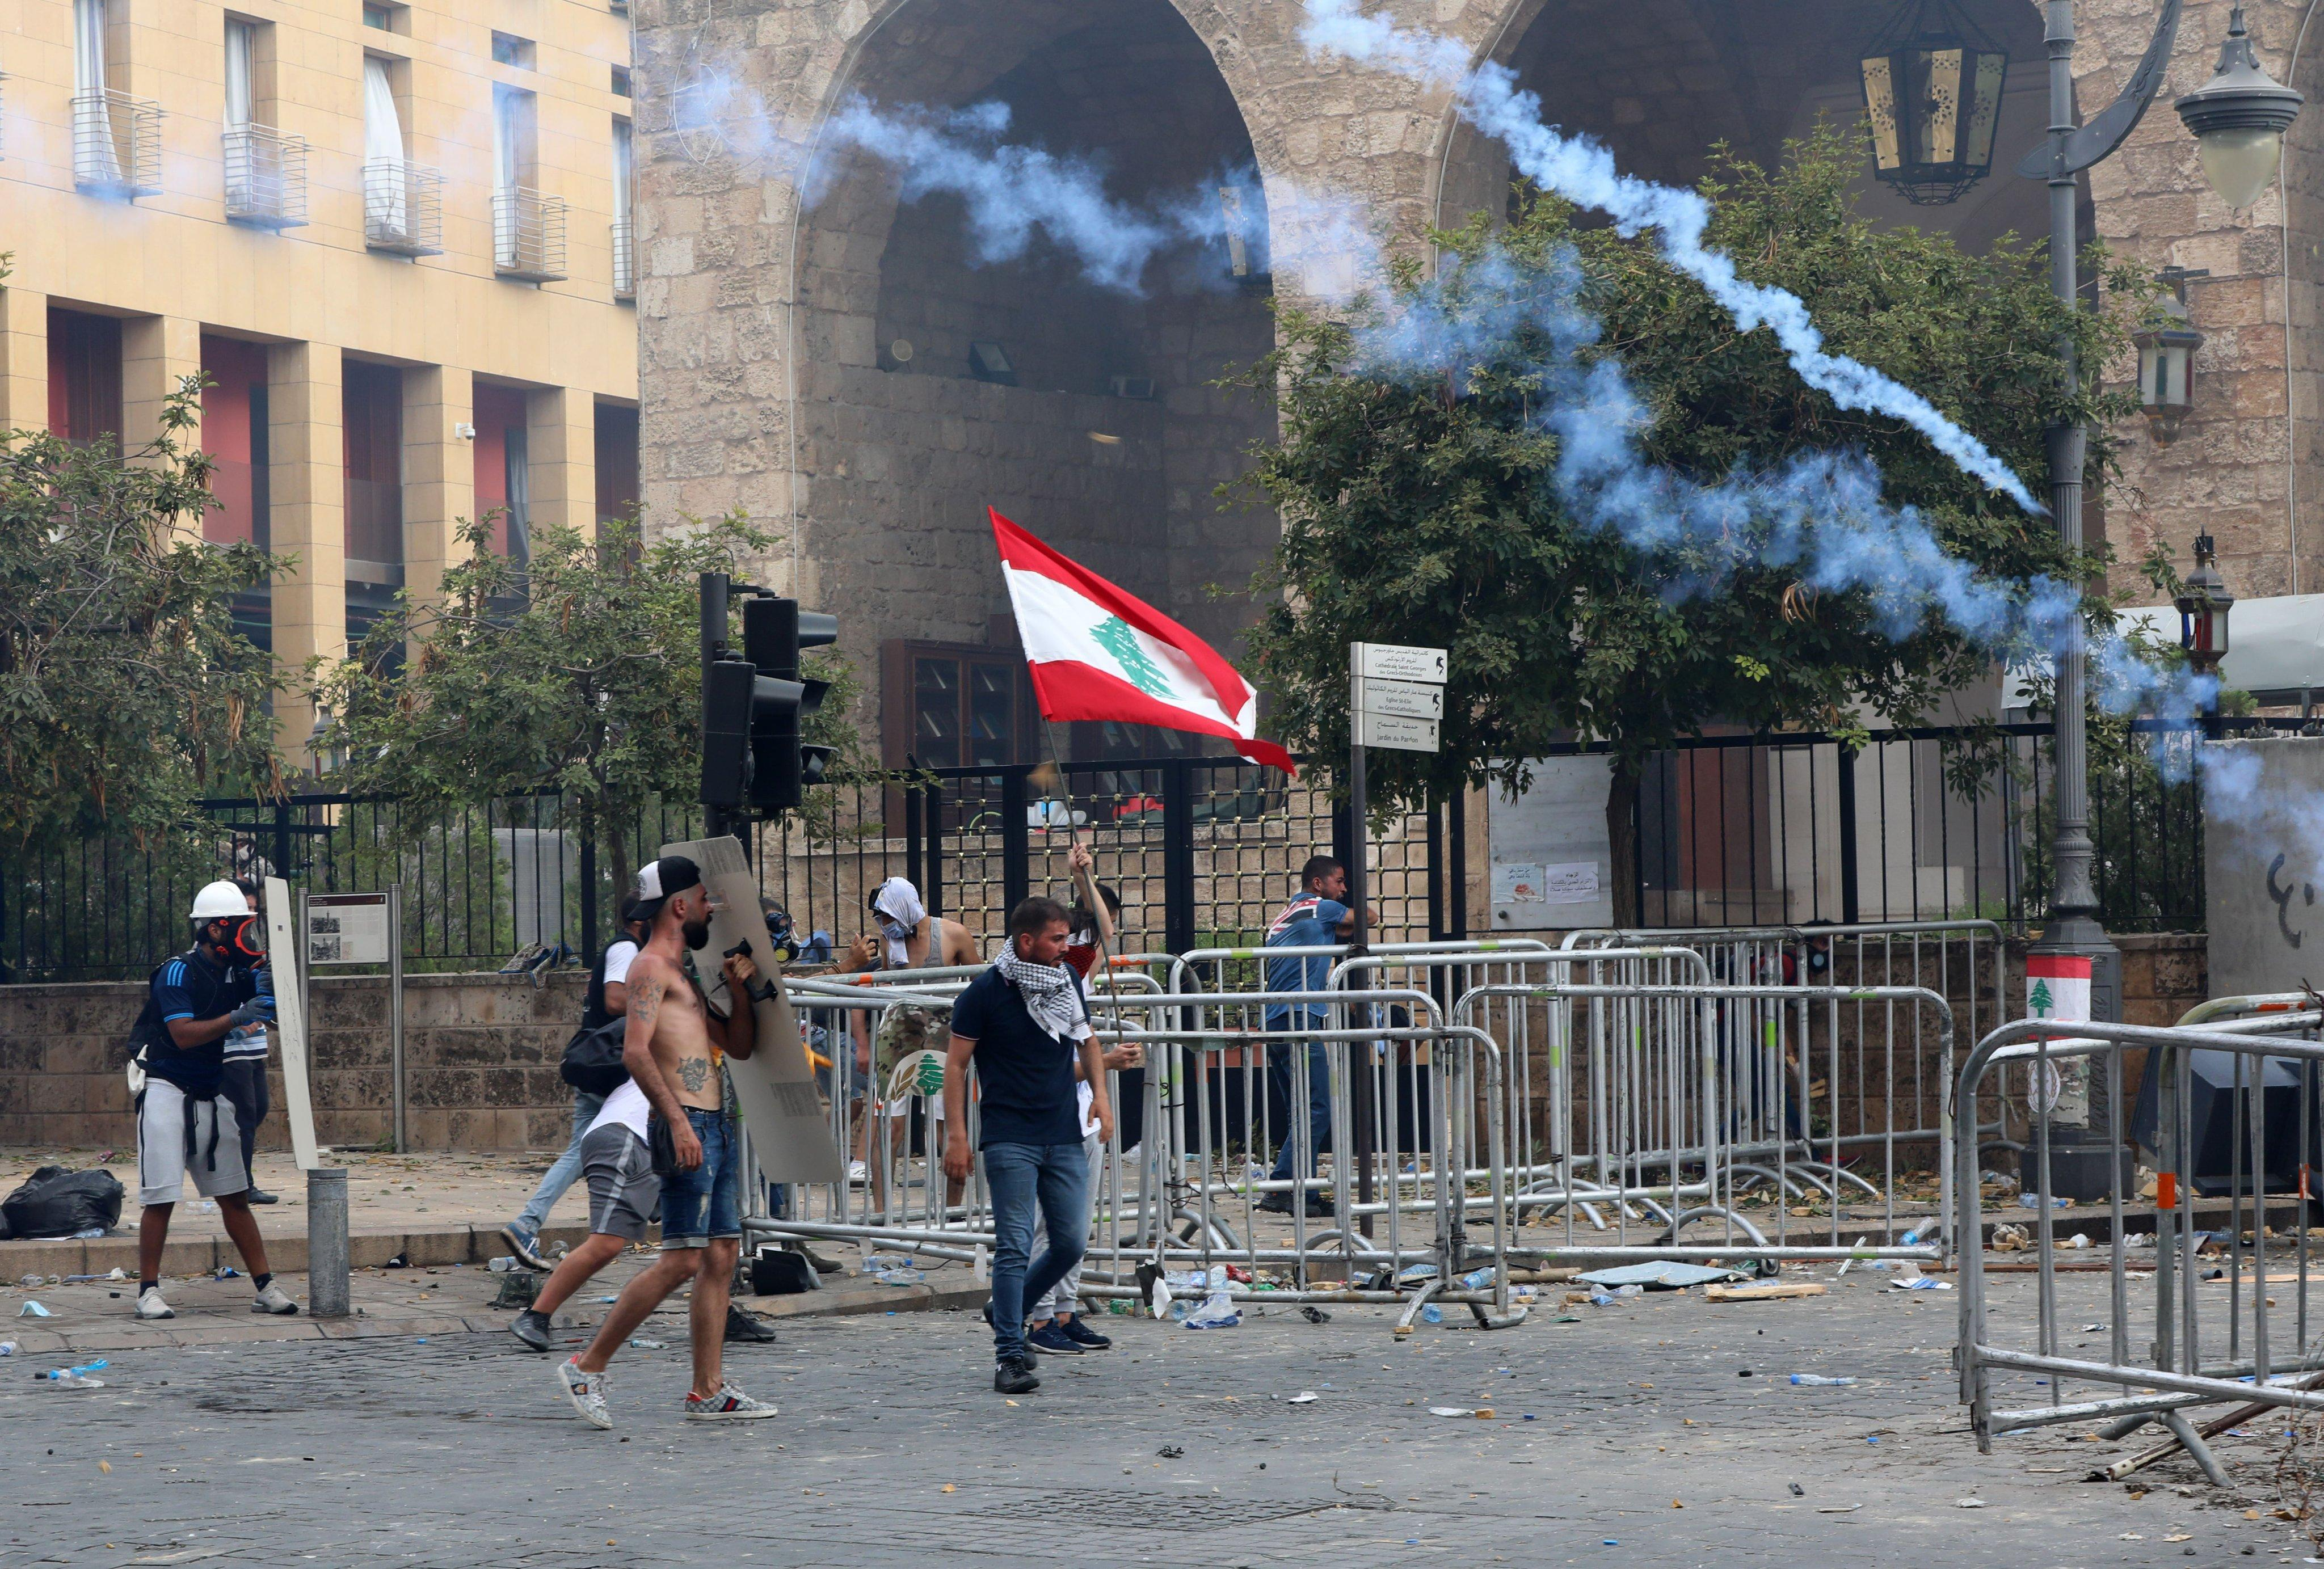 احتجاجات غاضبة في بيروت: قتيل وعشرات الإصابات واقتحام مقار حكومية